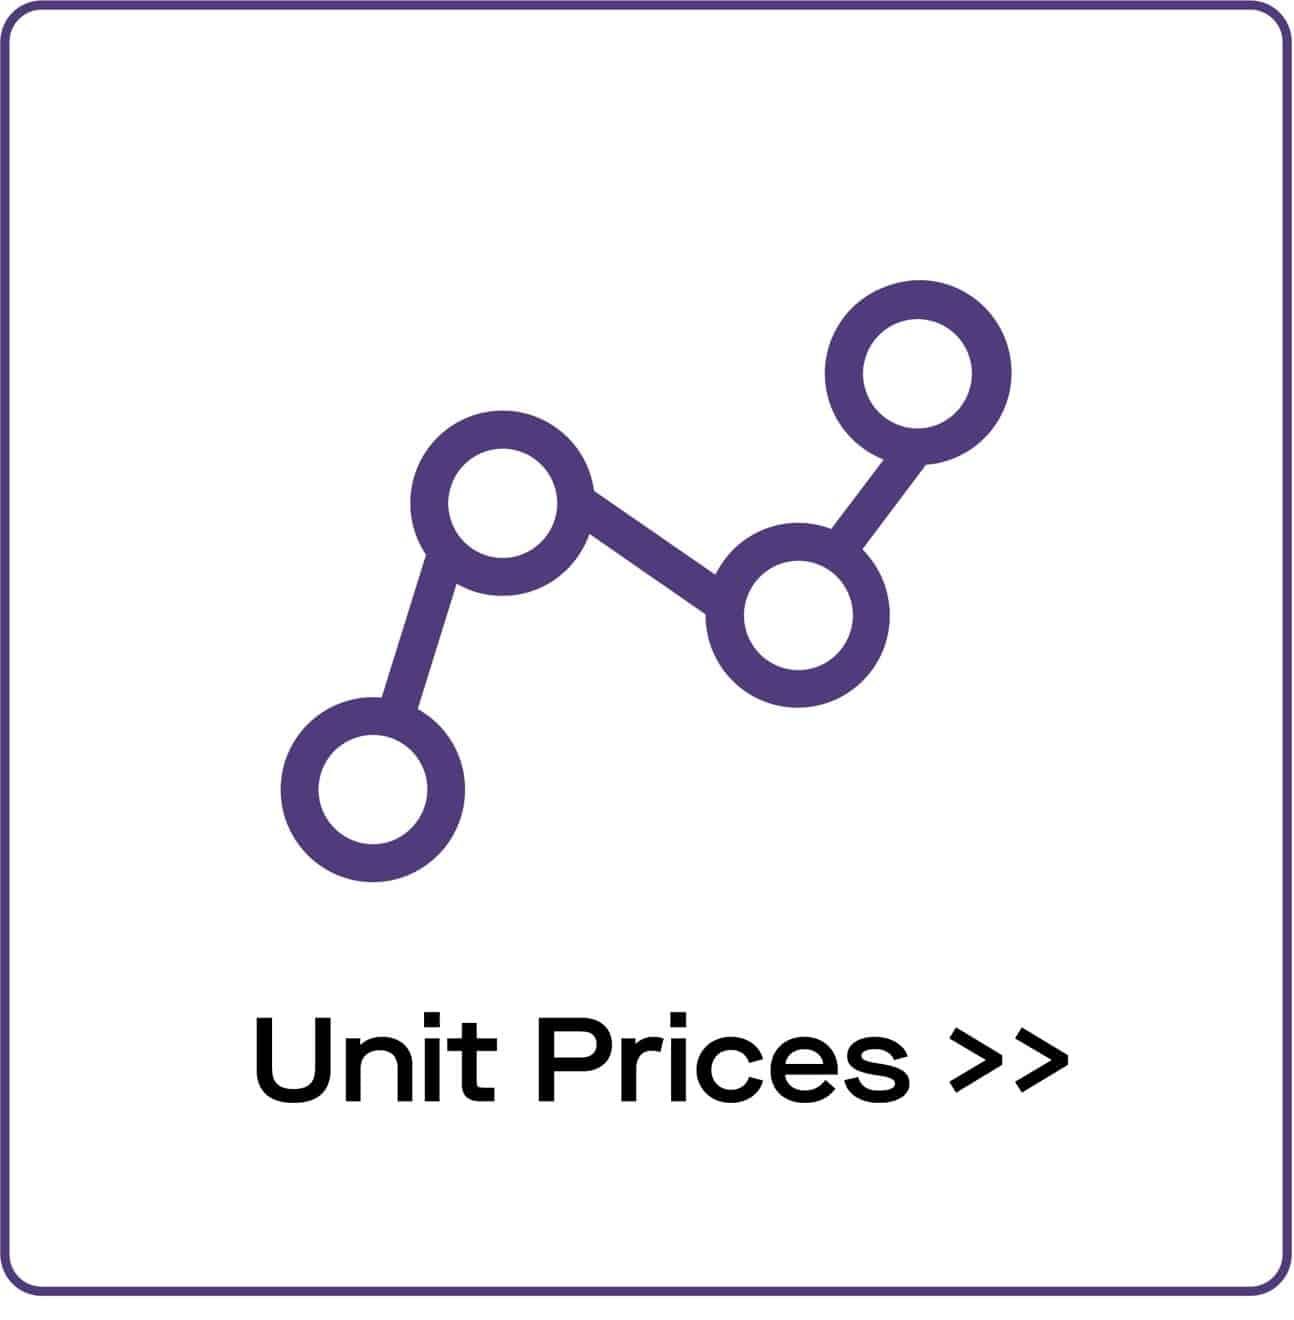 unit prices